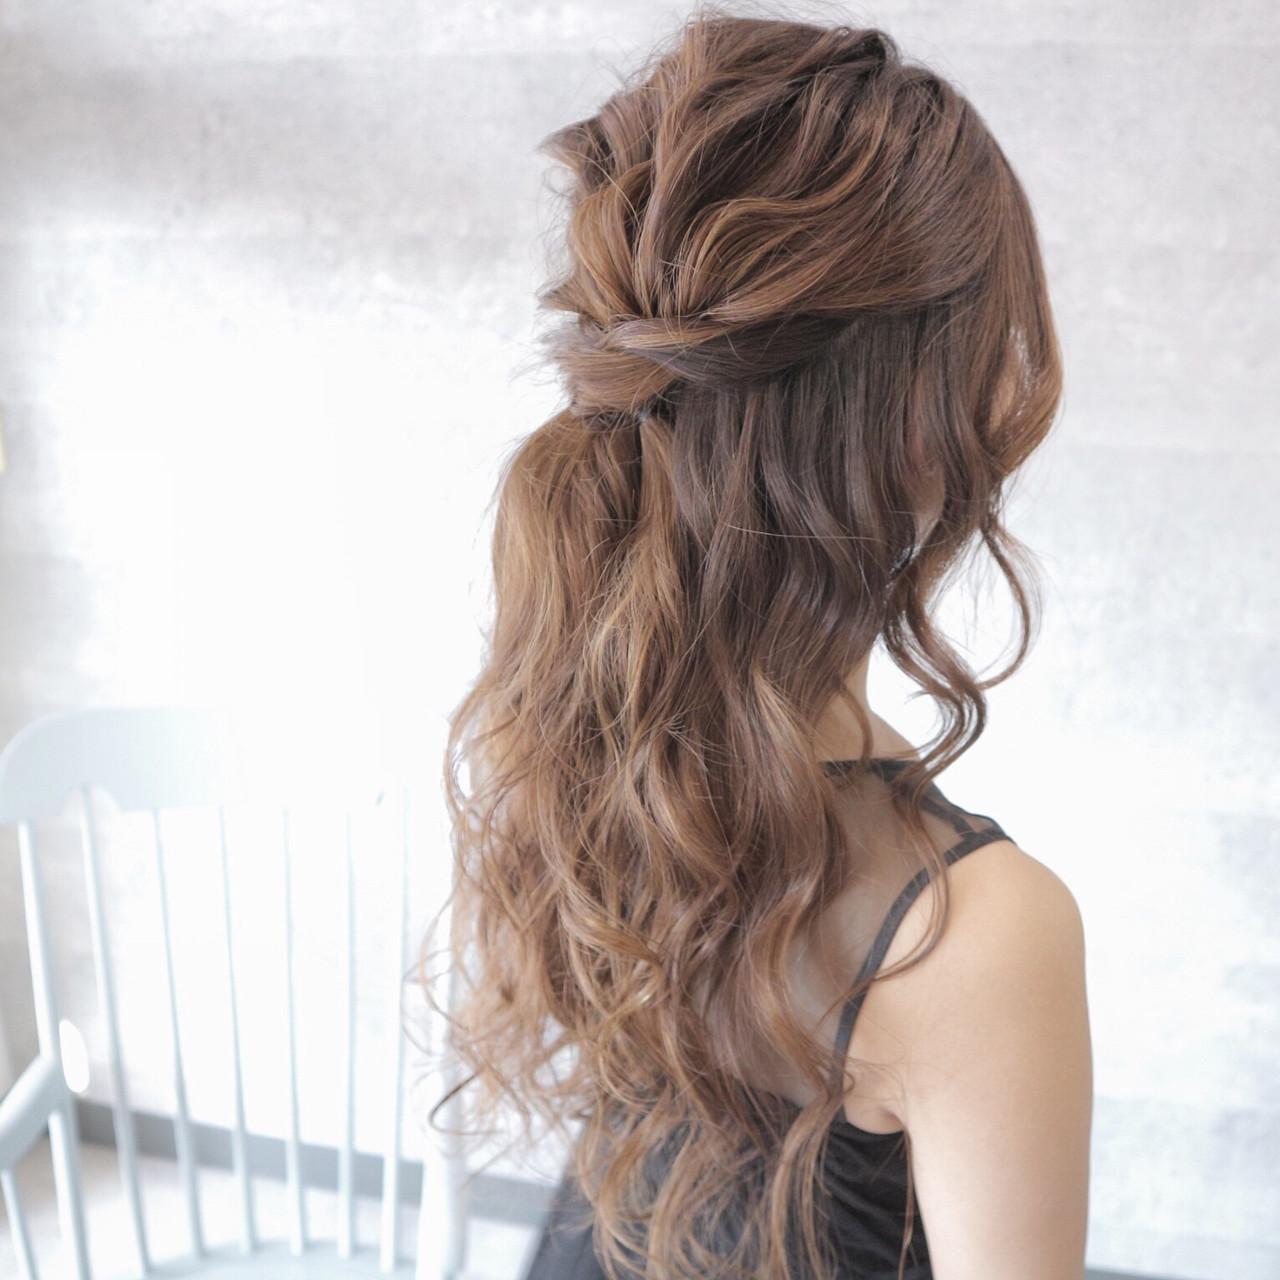 パーティ デート ロング 結婚式 ヘアスタイルや髪型の写真・画像   桑村亮太/CALIF hair store / 函館/CALIF hair store/キャリフ ヘアストア